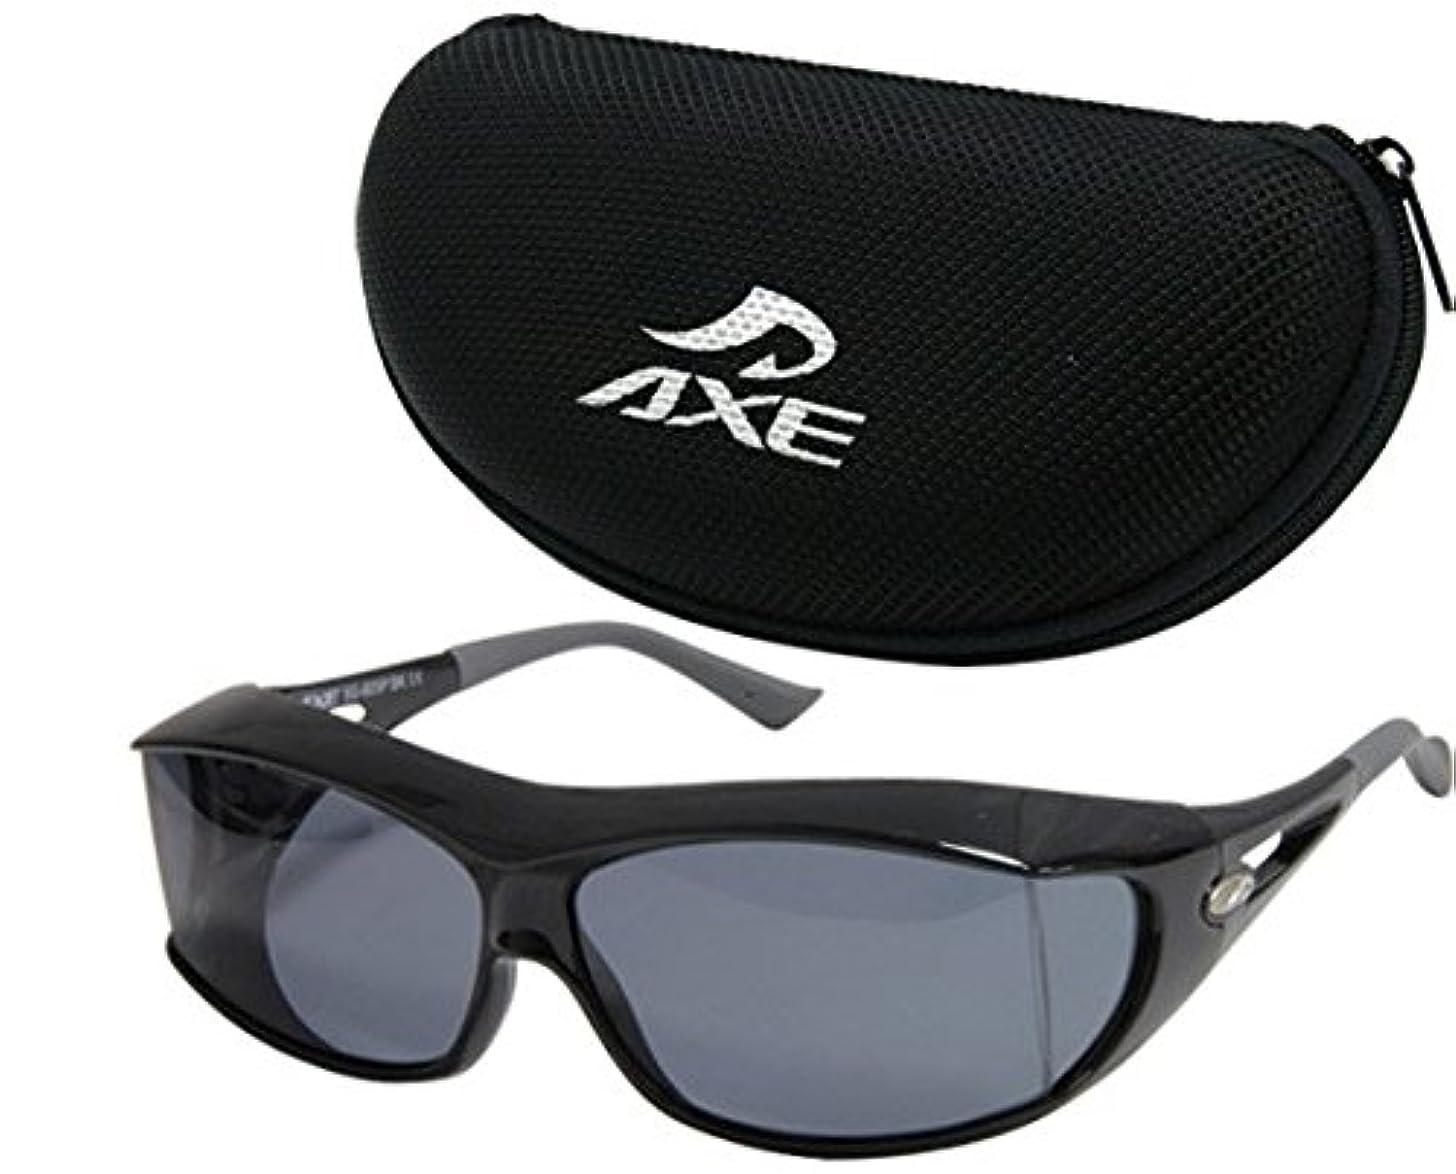 足ウルル賢明なサングラス 偏光 オーバーグラス オーバーサングラス SG-605P AXE アックス メガネの上から